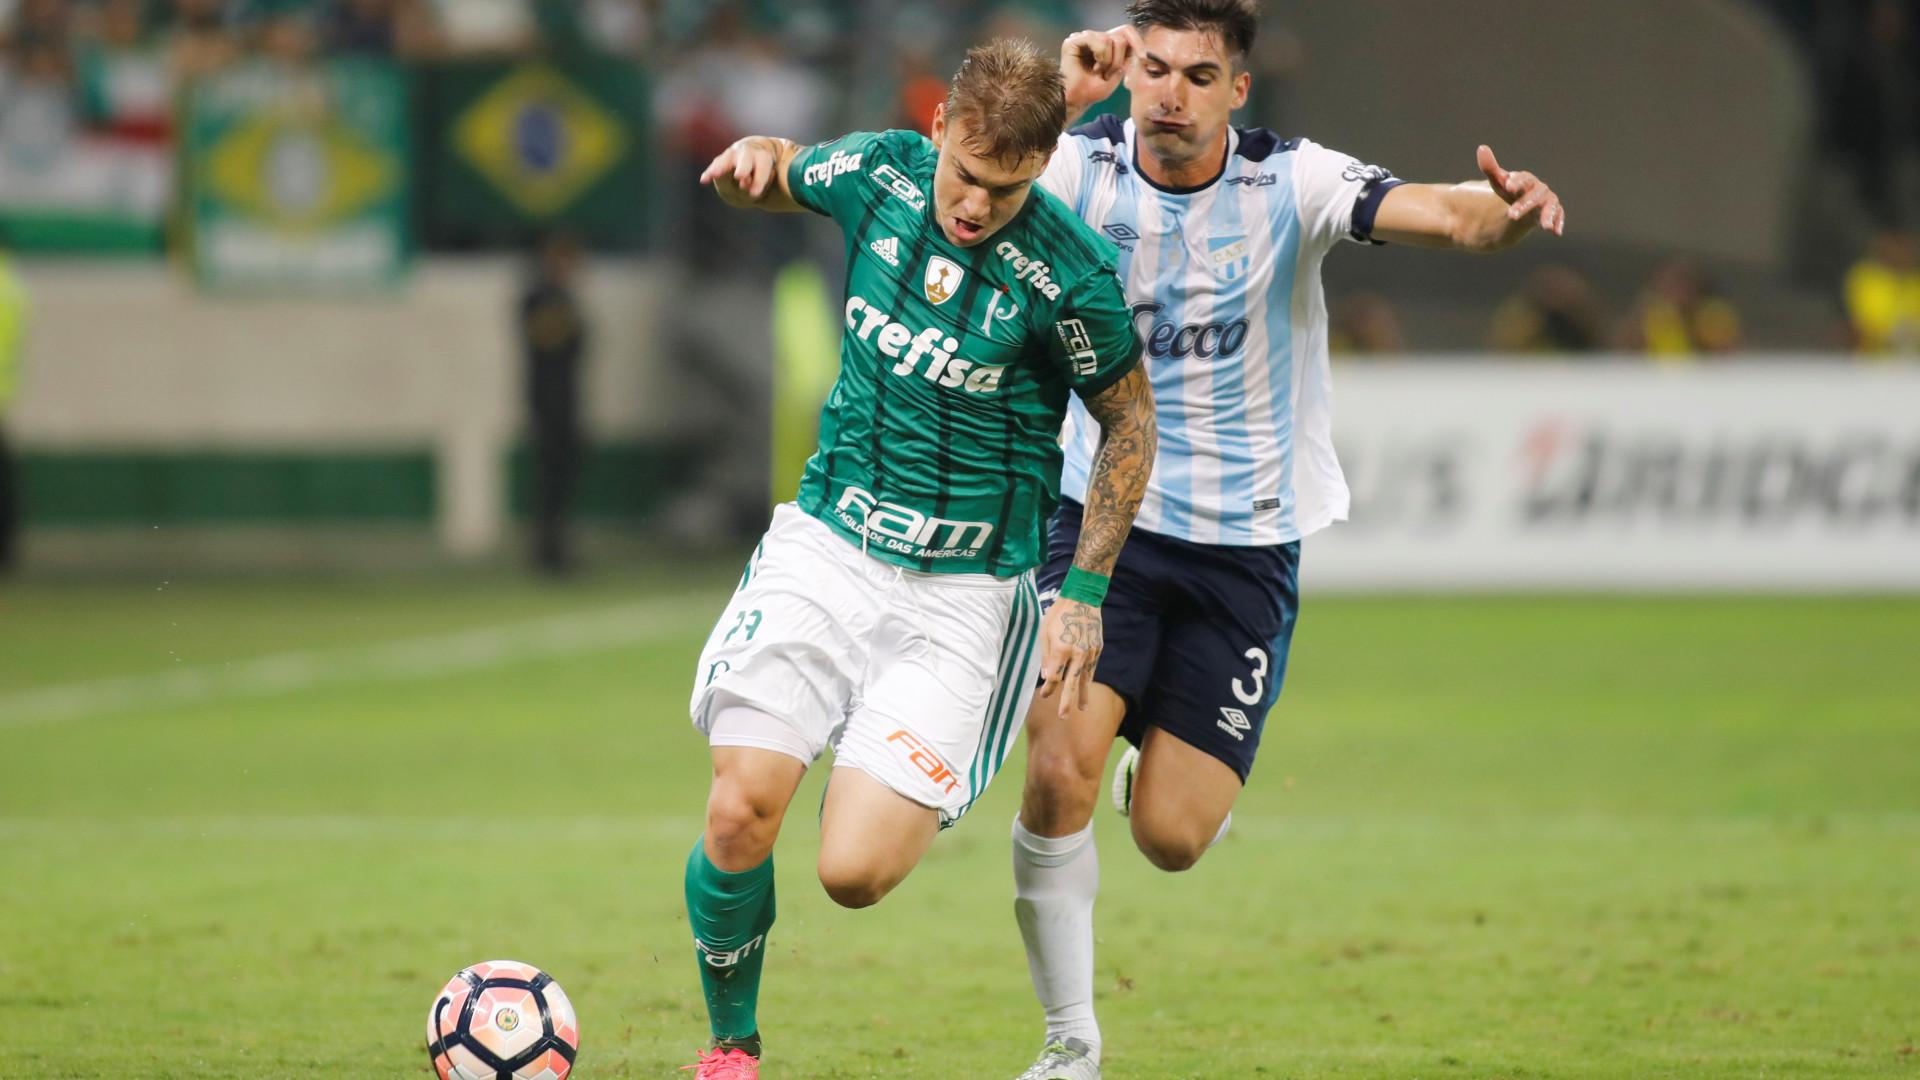 Desejado pelo FC Porto, Róger Guedes preferiu milhões da China